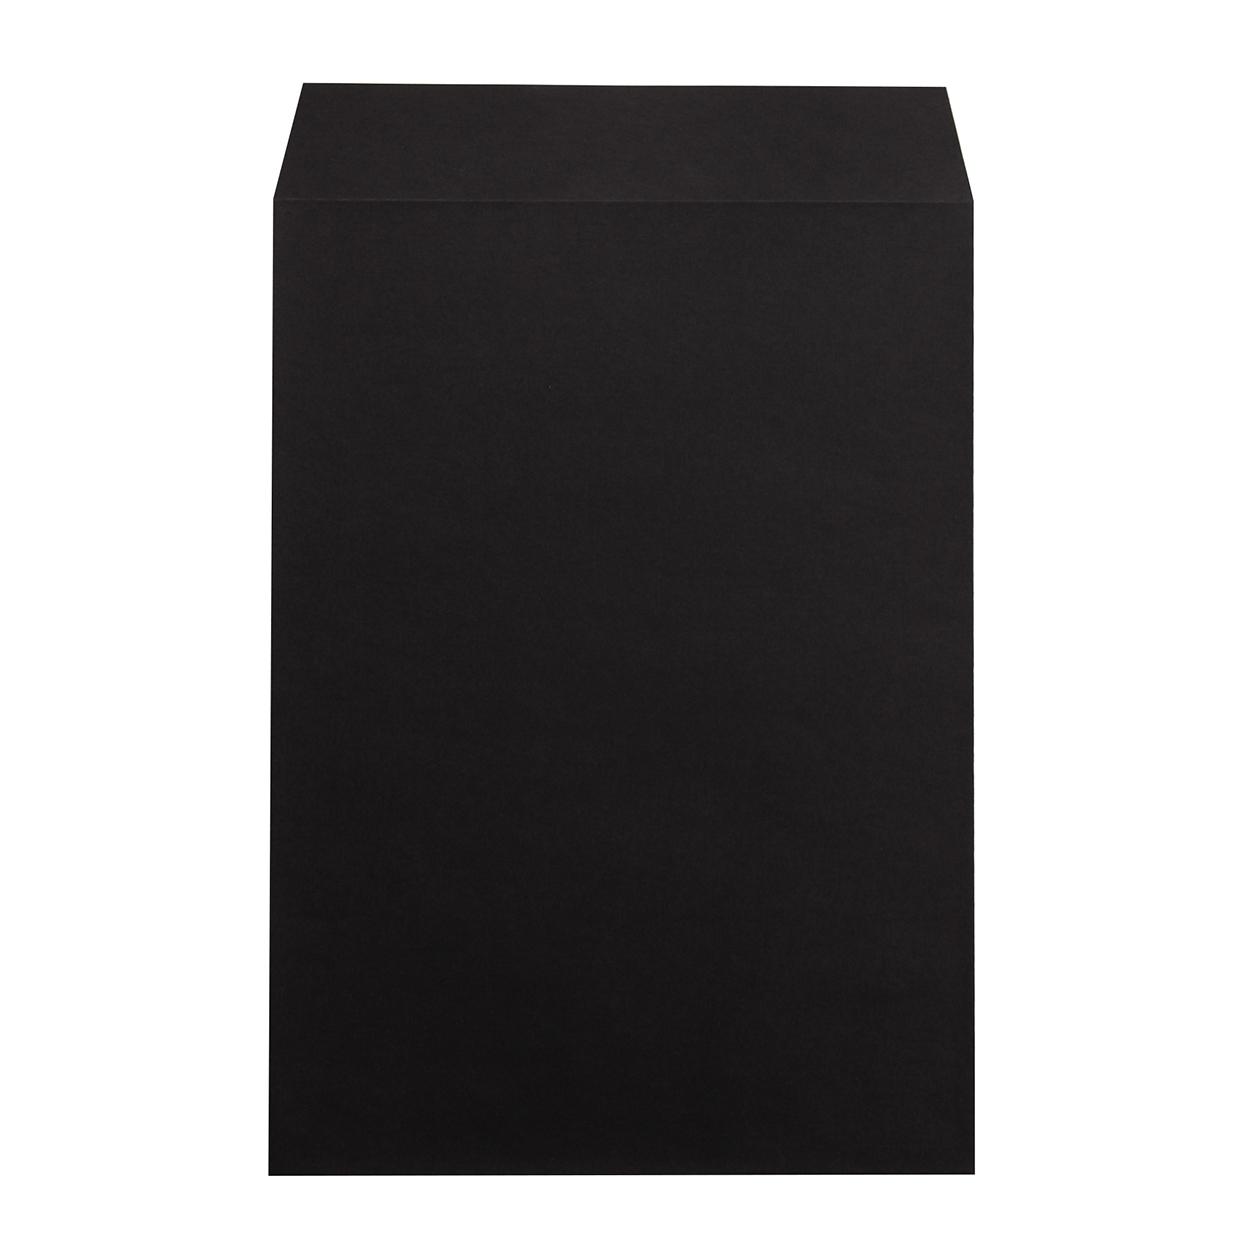 角2封筒 コニーカラー ブラック 100g